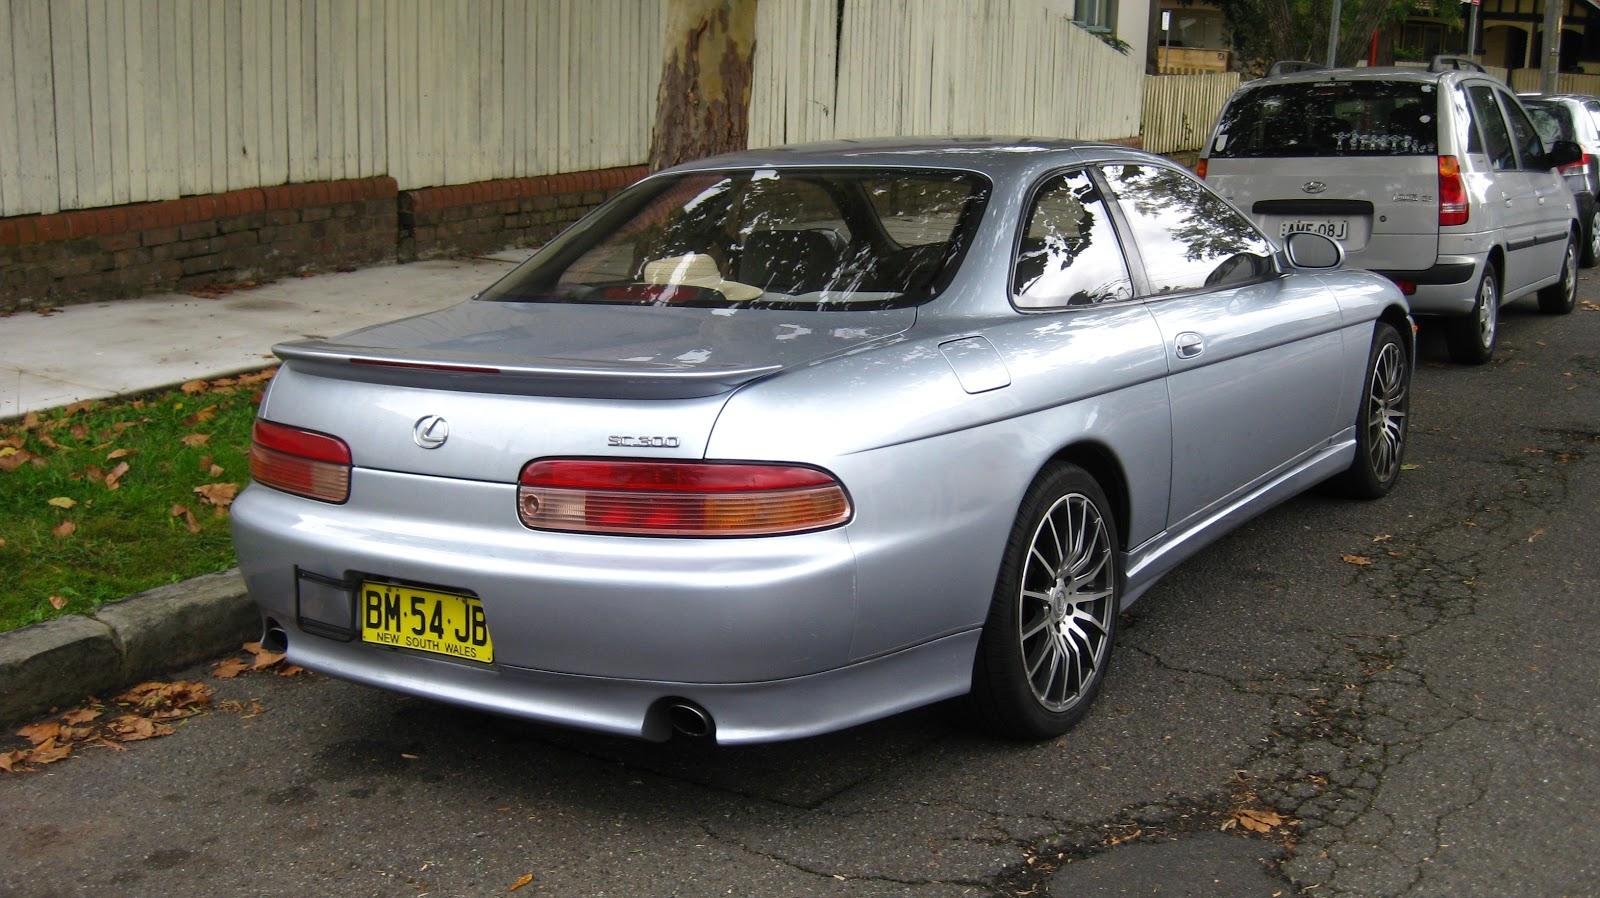 Aussie Old Parked Cars 2001 Lexus Sc 300